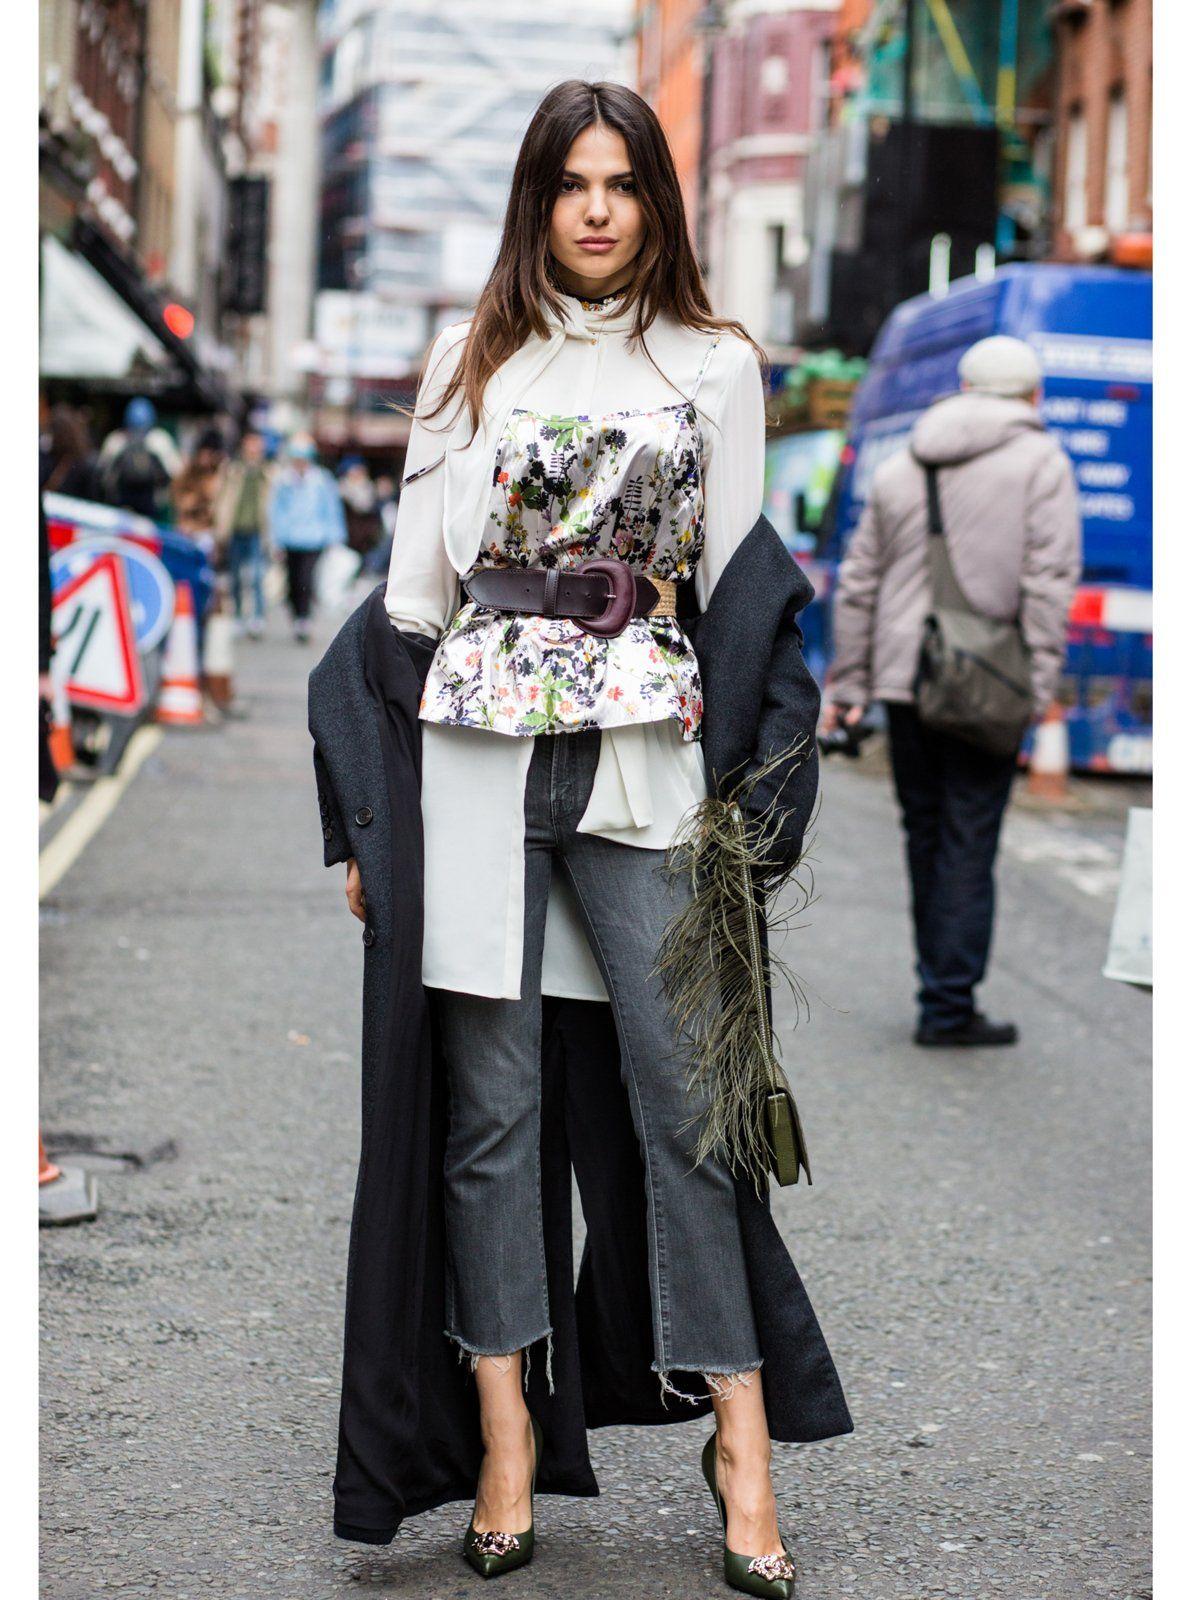 An abgeschnittenen Jeans in Knöchelhöhe (dereinst genannt: Hochwasser!) kommen die Fashionistas in dieser Saison nicht vorbei - hier ein Streetstyle mit beneidenswerten Heels und coolem Gürteldetail direkt von der London Fashion Week Fall 2016.window.vn